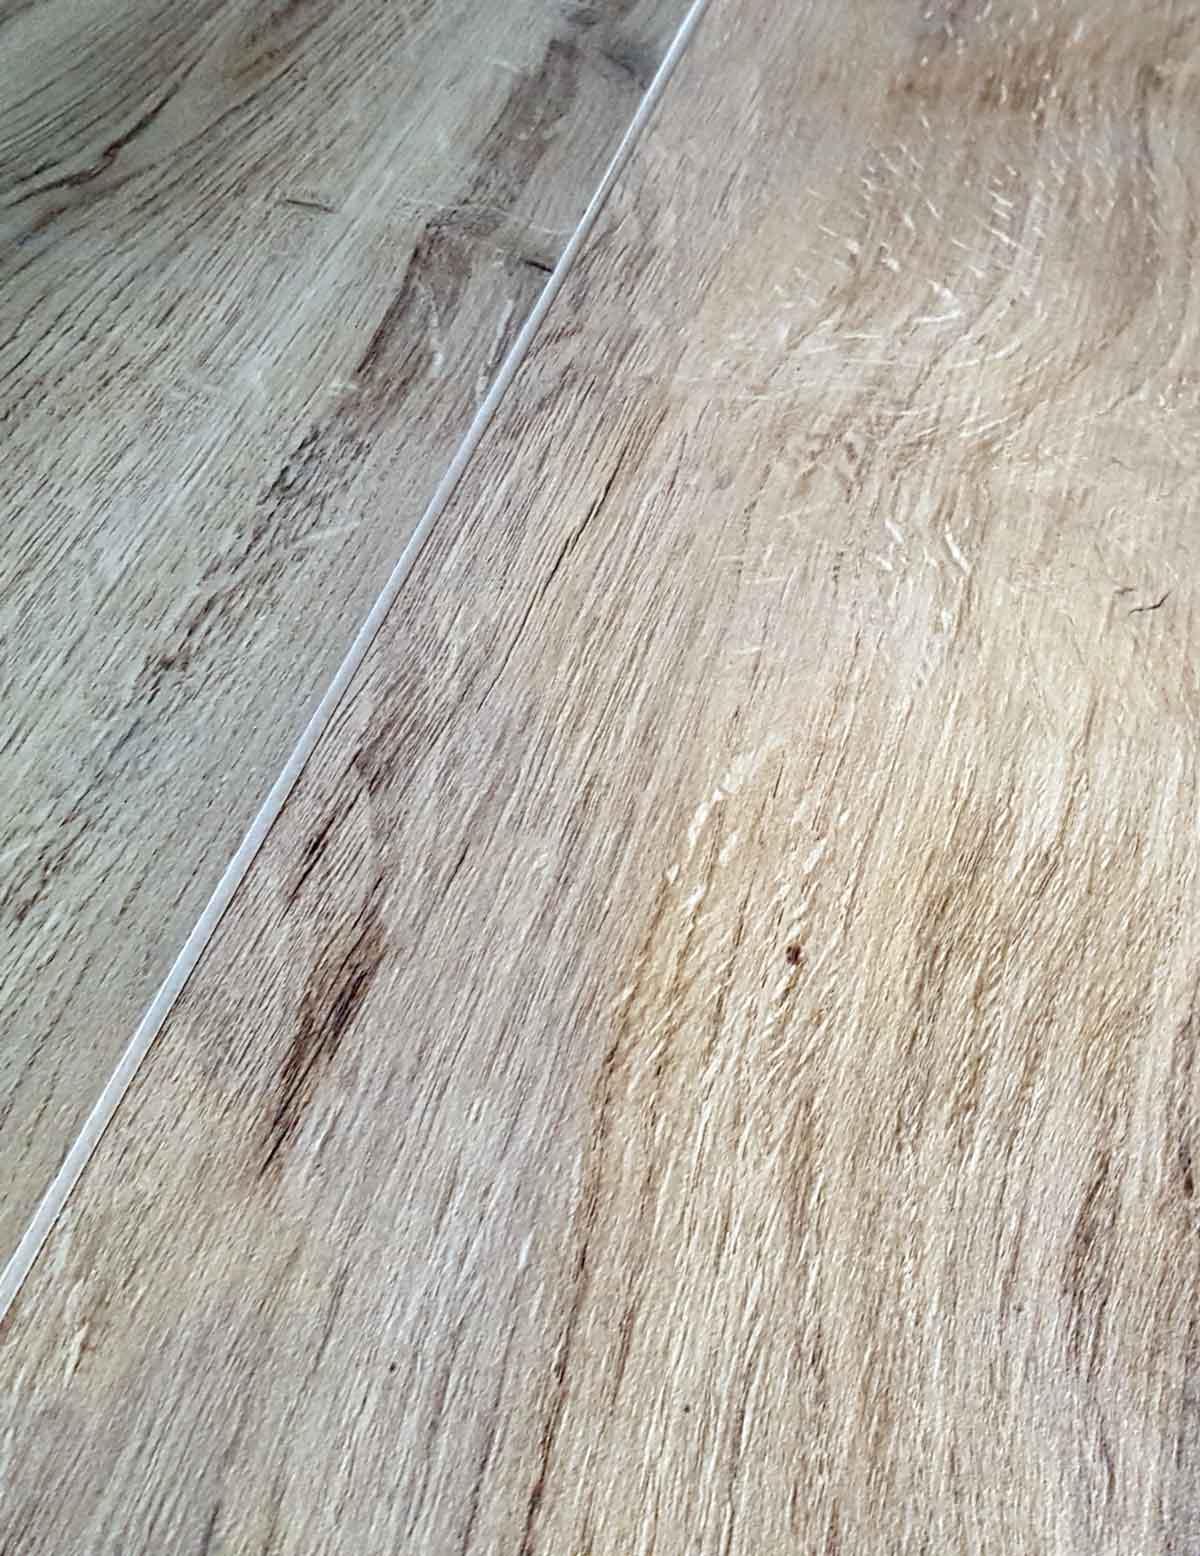 Naldi pavimenti, Materiali, Gres effetto legno